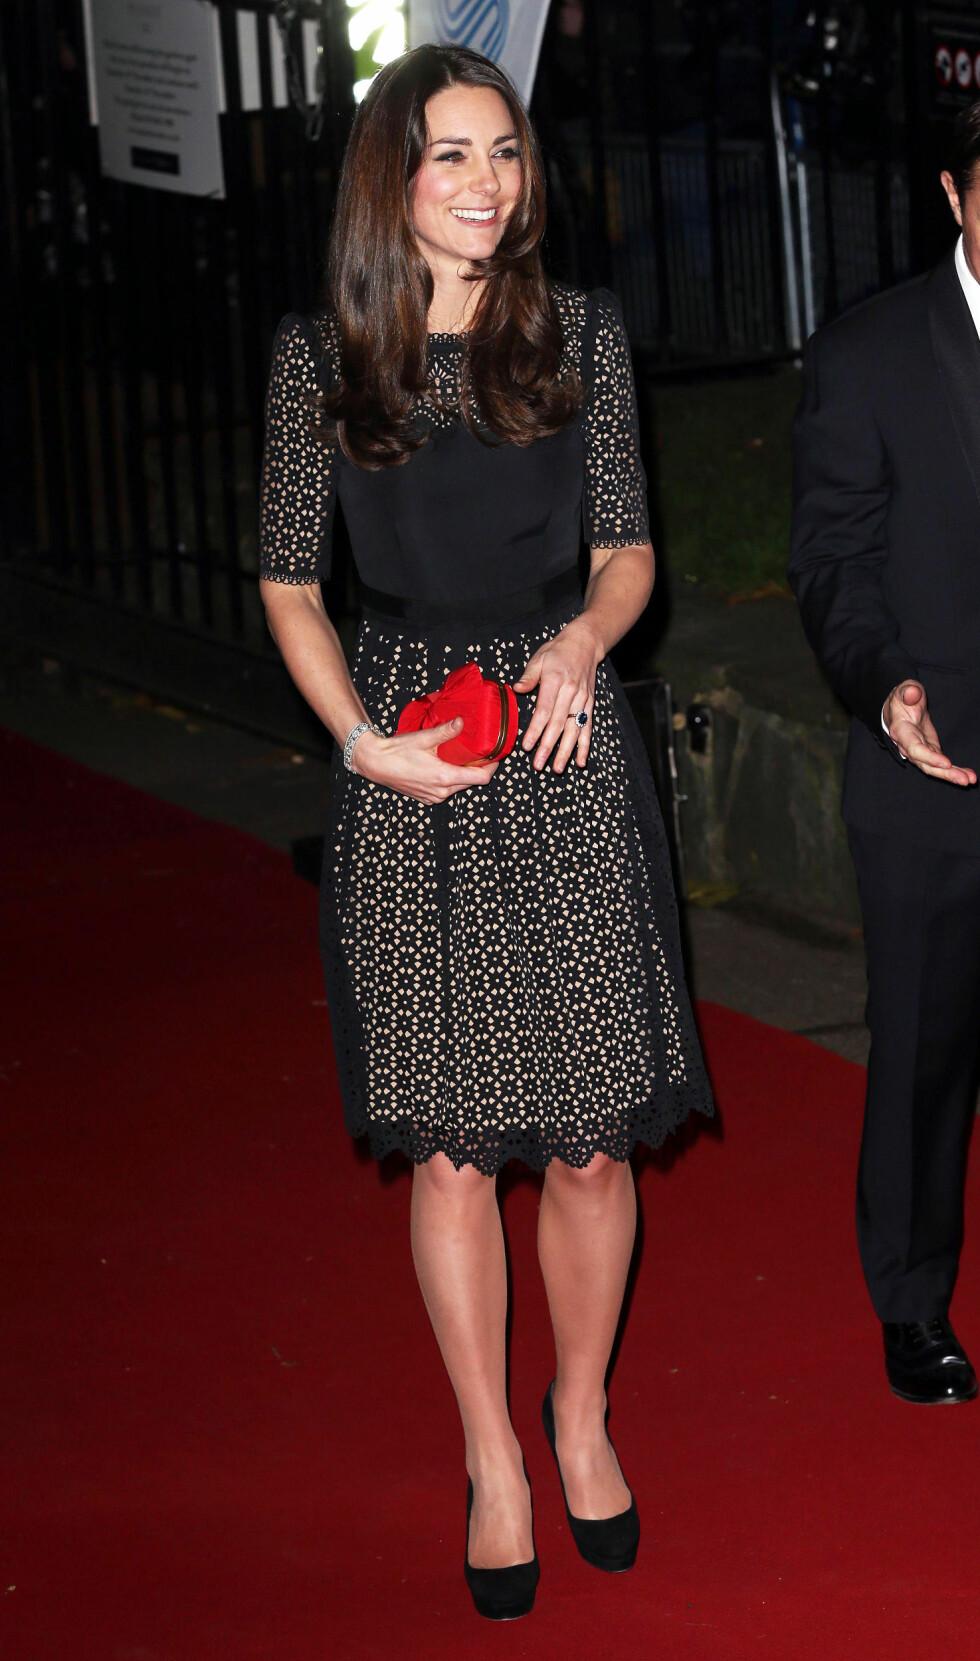 FLATTERENDE LENGDE: Hertuginne Kate i en kjole fra Temperley som stopper rett over kneet. Den røde vesken er signert Alexander MqQueen.  Foto: REX/All Over Press